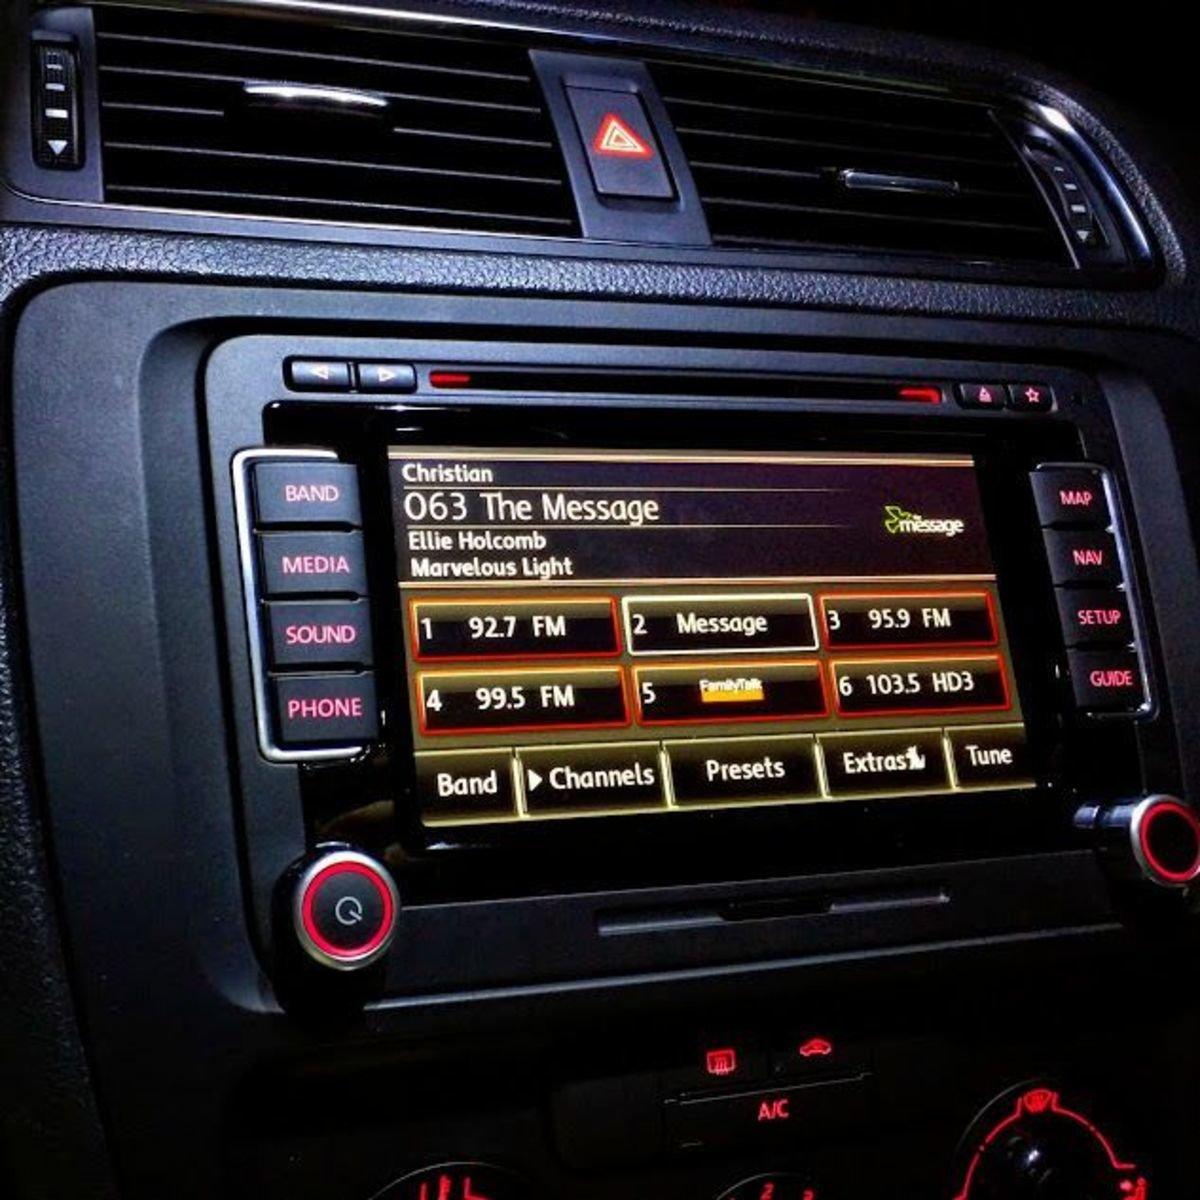 Sirius Xm Radio Deals 2018 | Lamoureph Blog